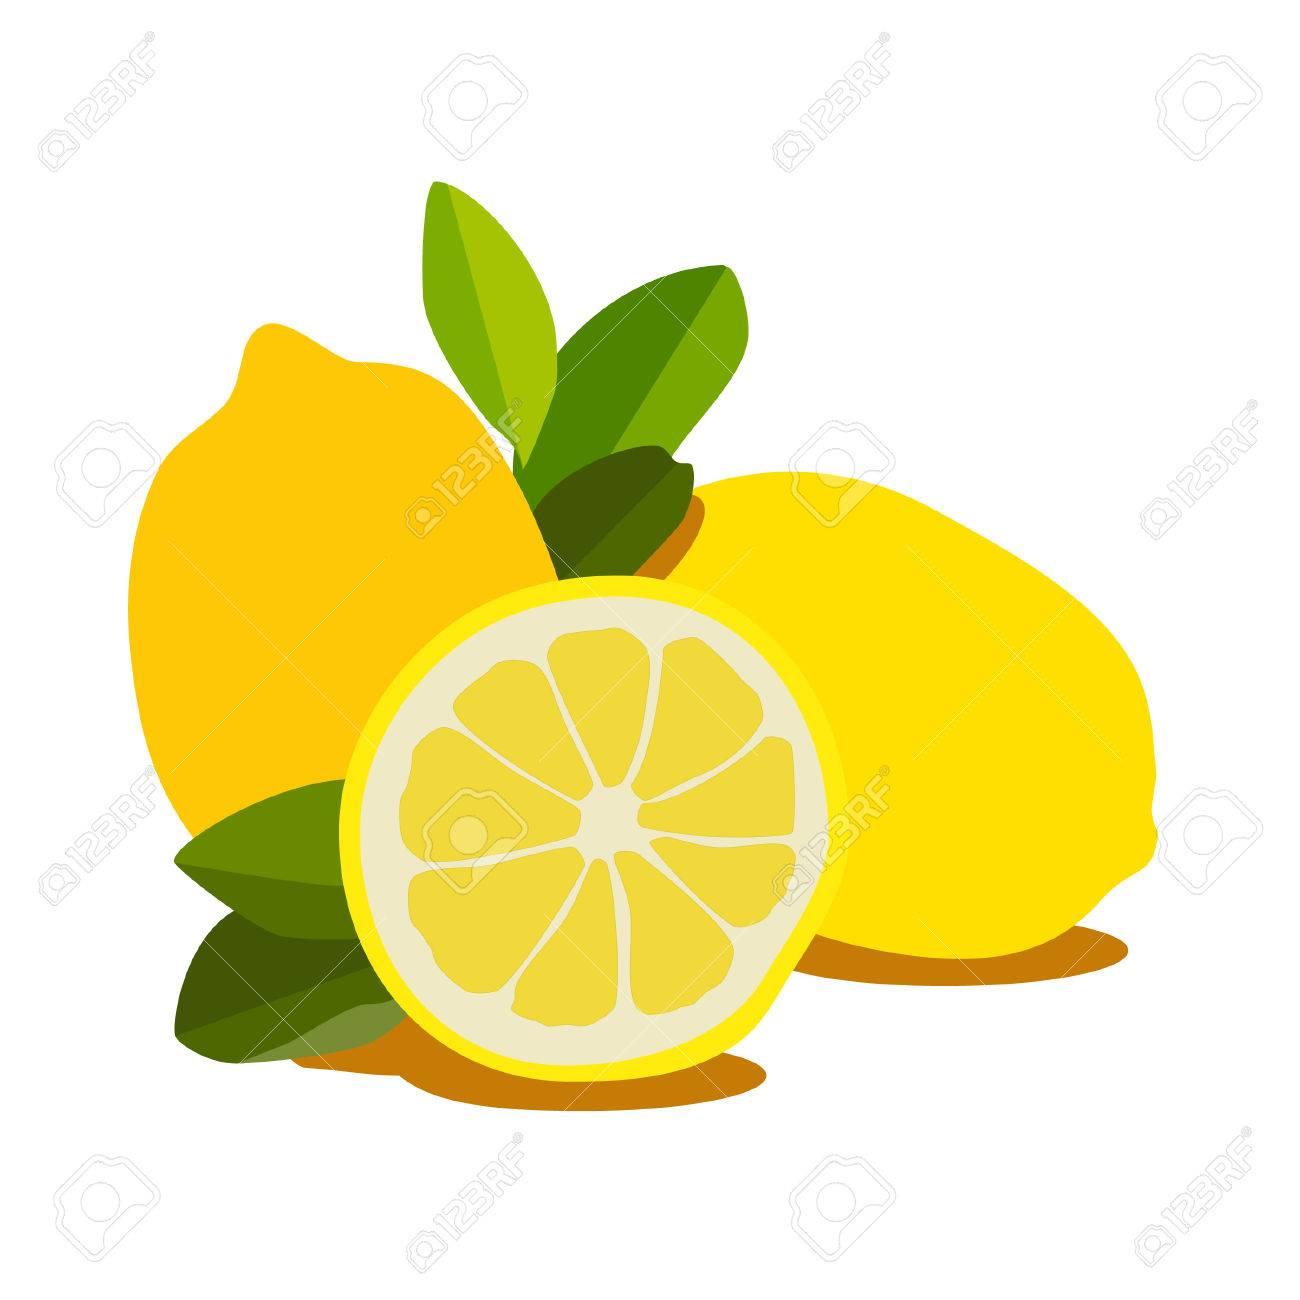 レモンレモンのスライス分離したレモンのイラストのイラスト素材